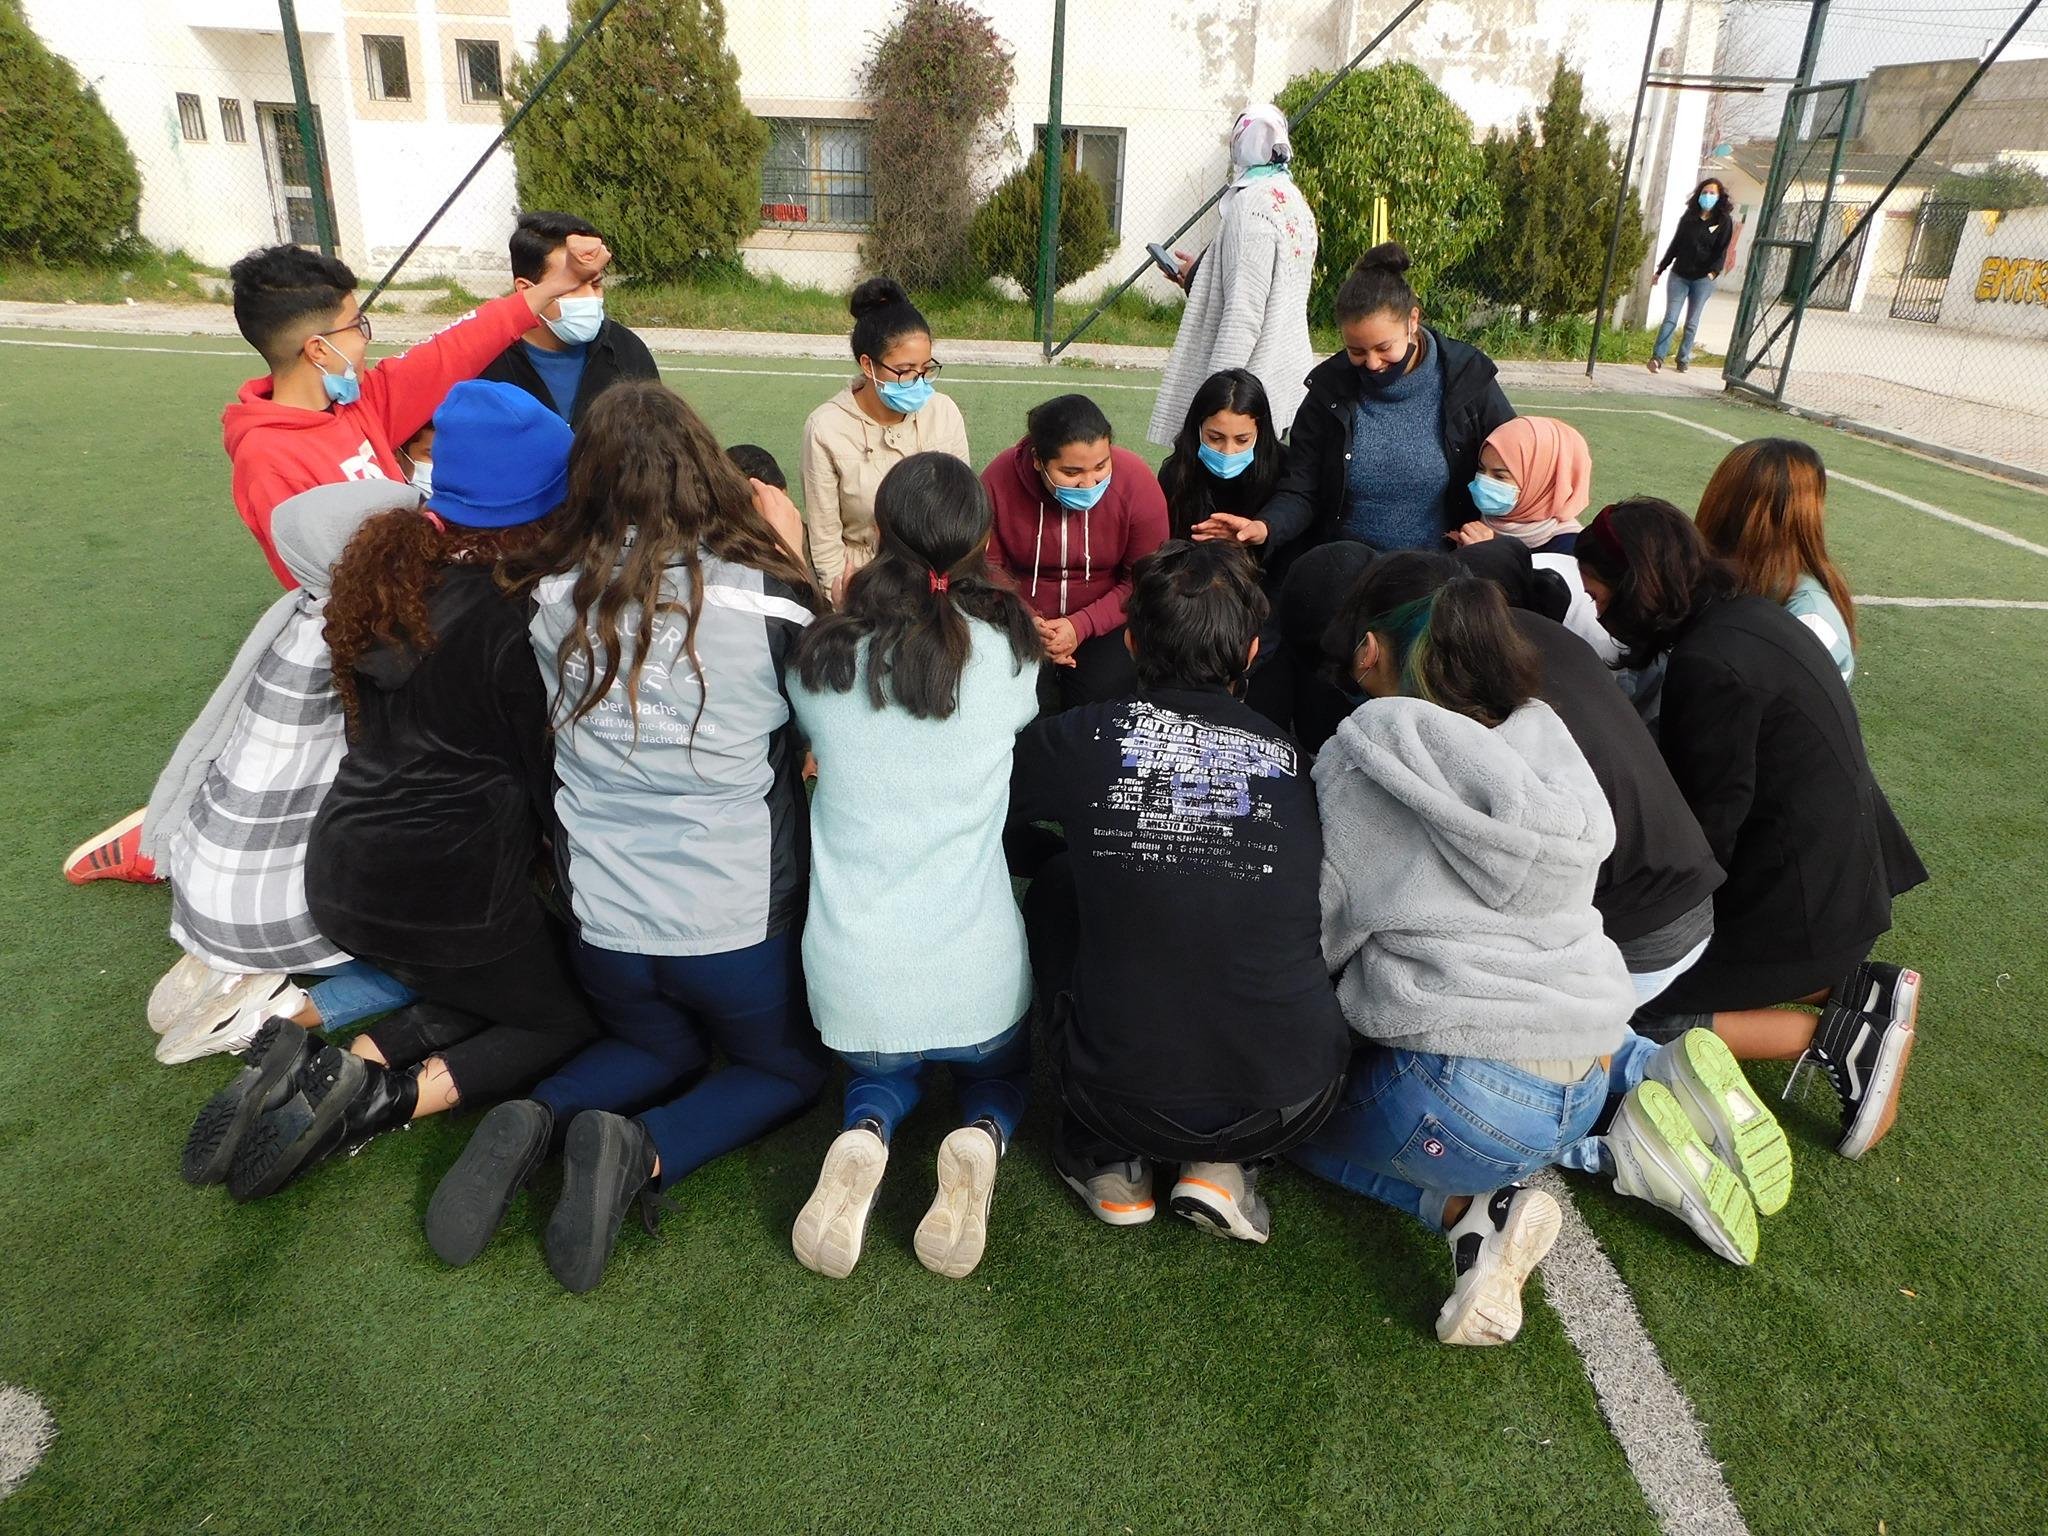 Projet Shabab : la deuxième séance de formation organisée en faveur des adolescent.e.s de Manouba